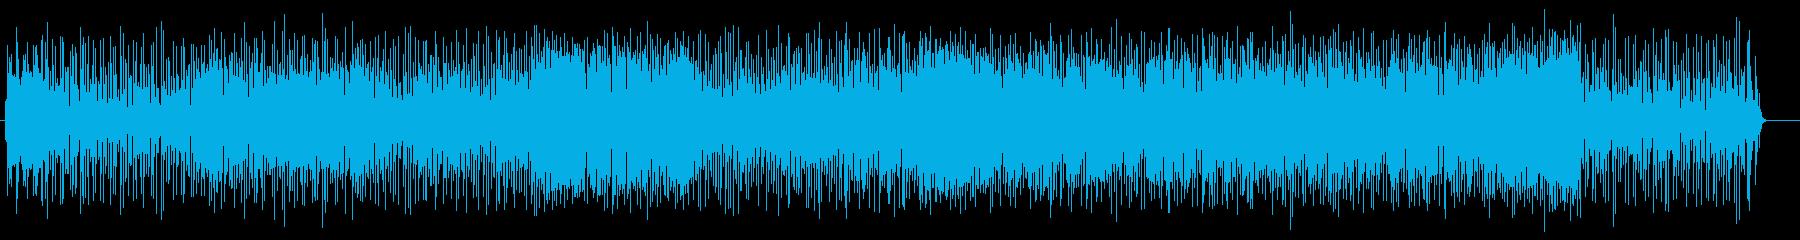 ゲームBGMコミカル電子音サウンドの再生済みの波形